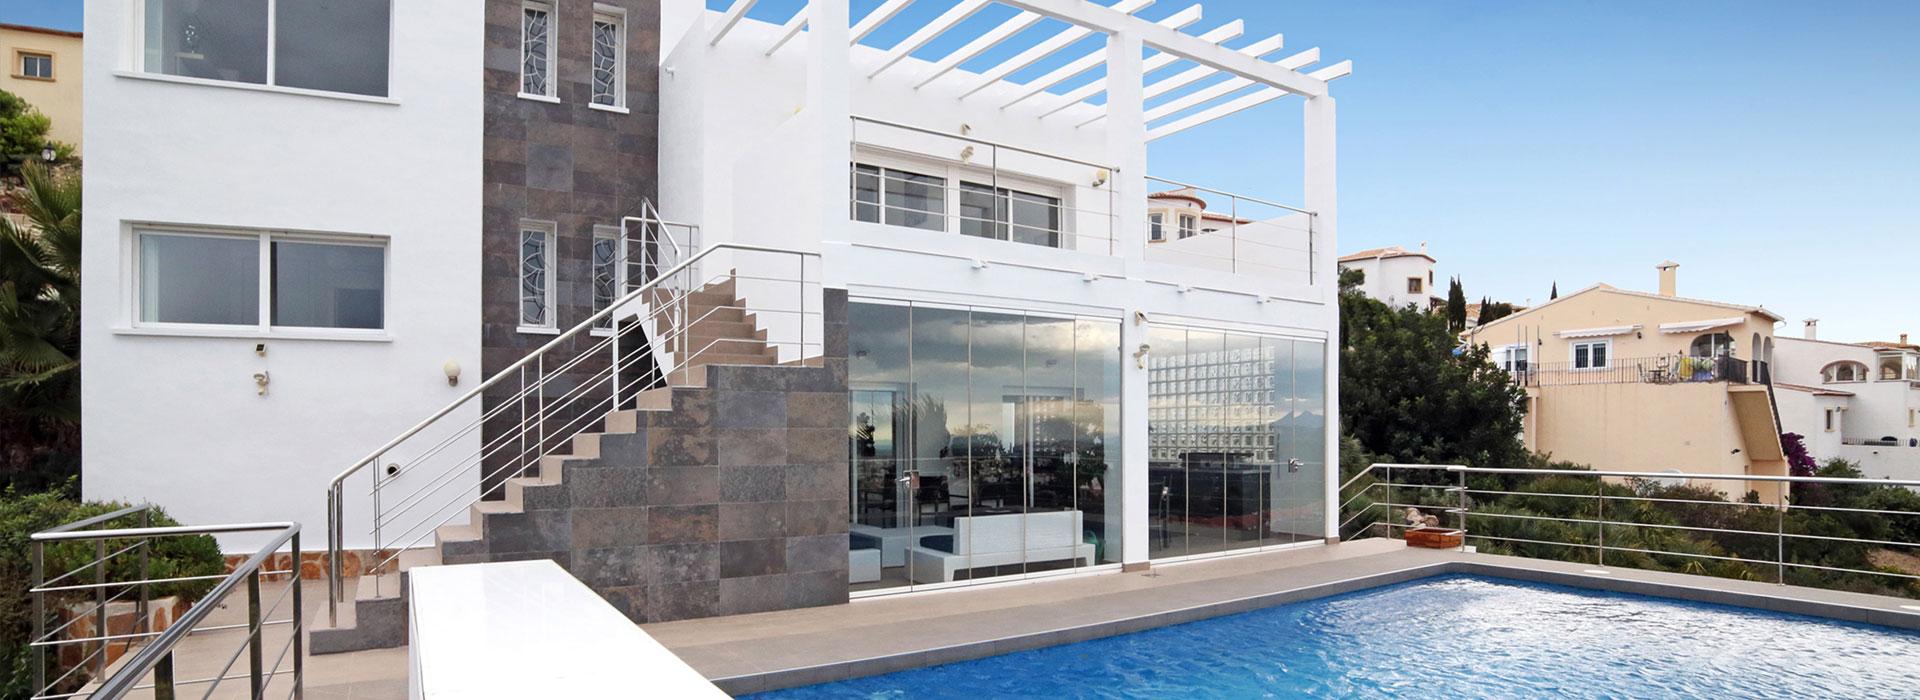 acb.immo - Magnifique villa contemporaine, vues panoramiques sur mer et montagnes à Rafol d'Almunia